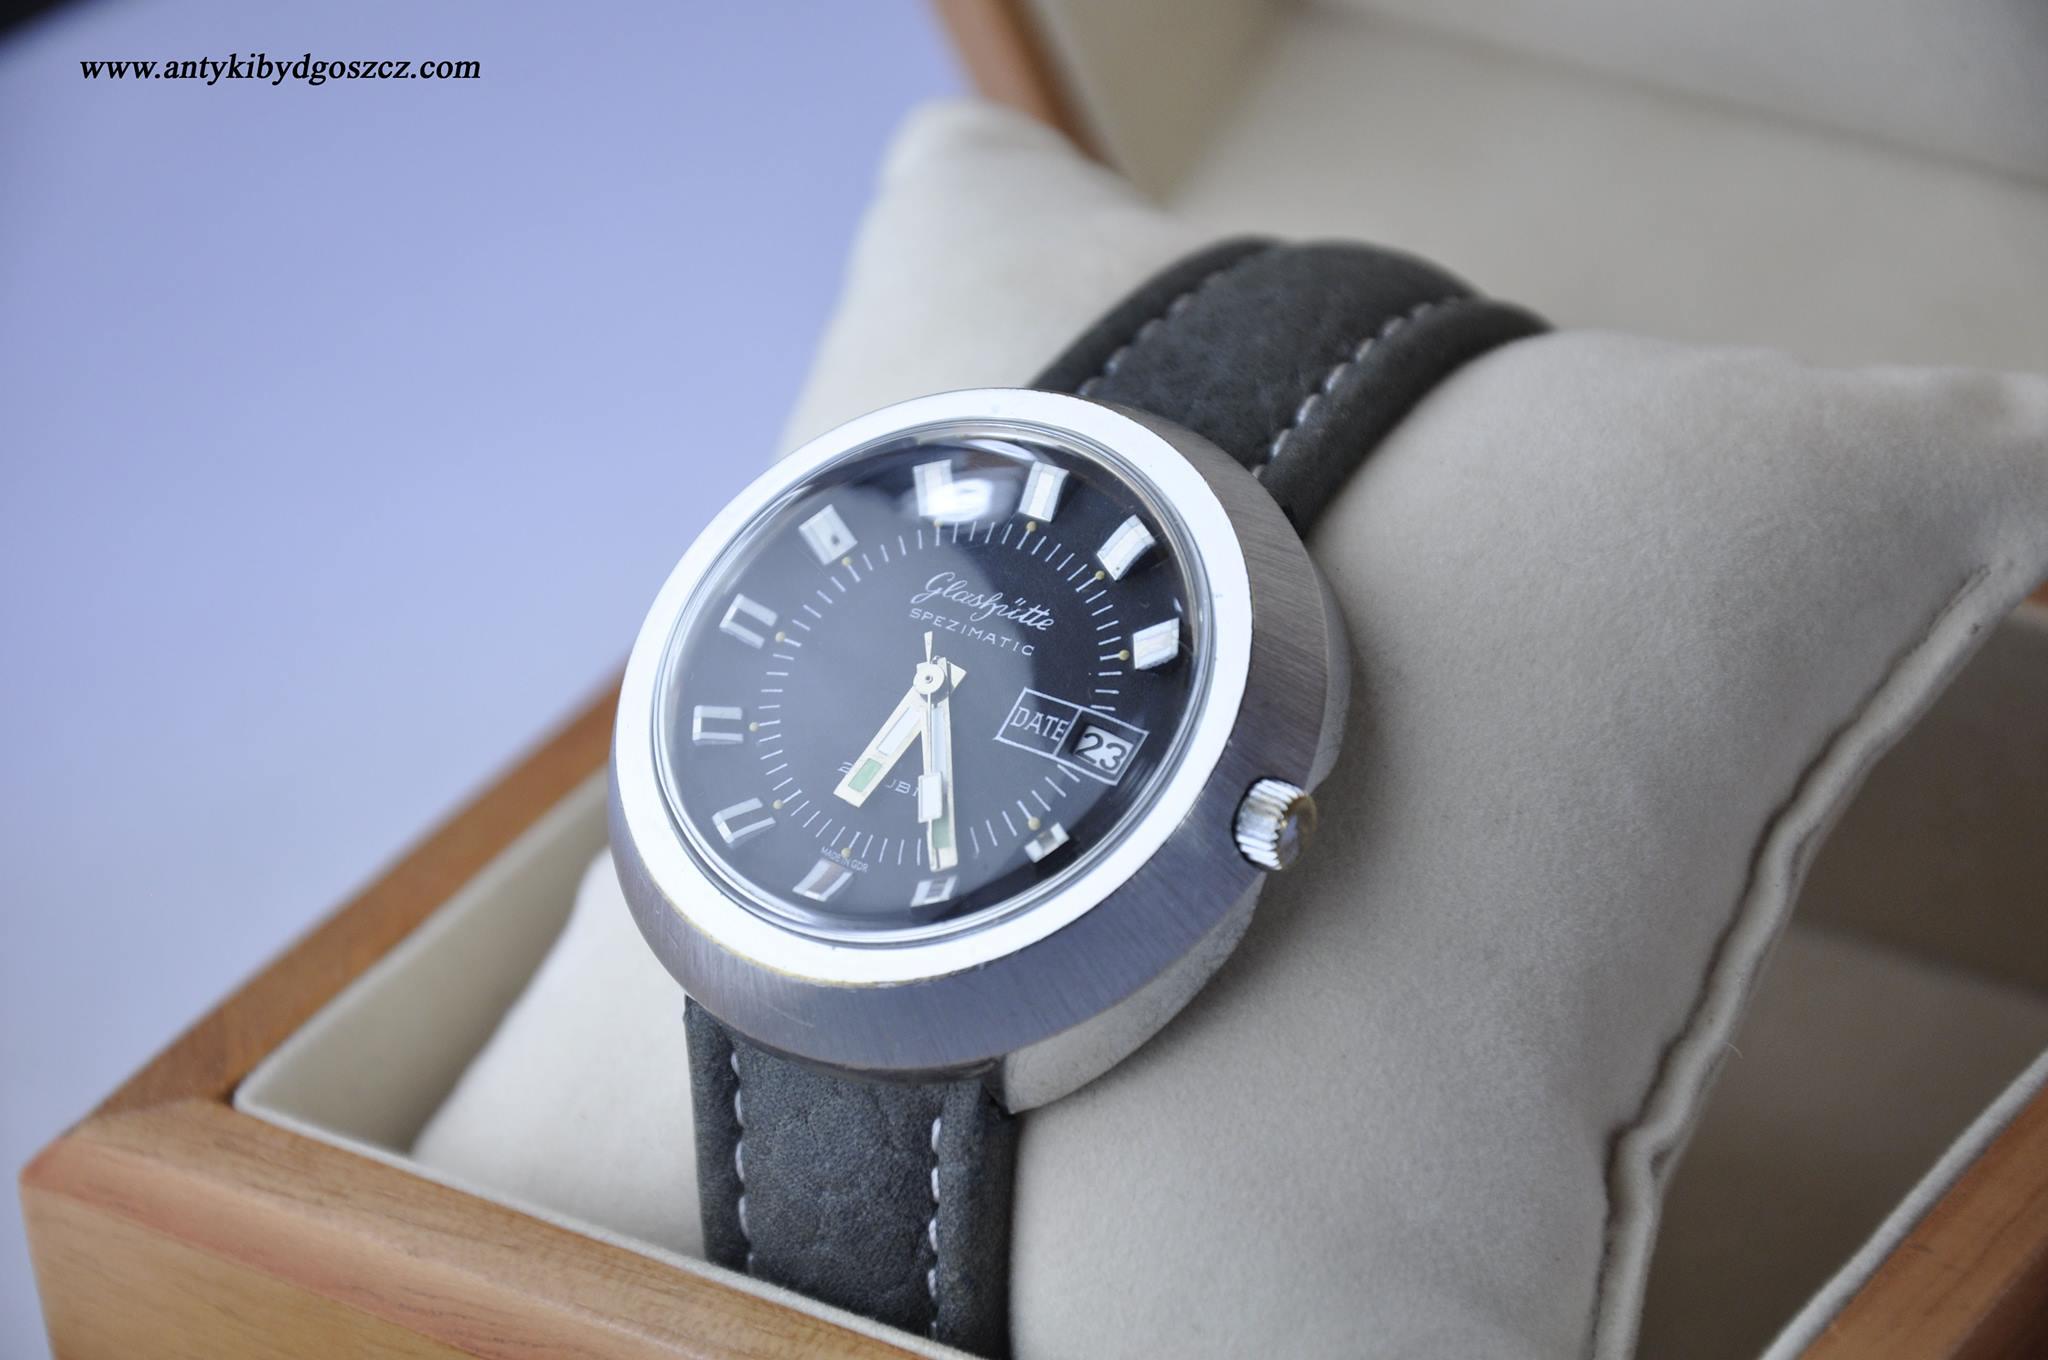 zegarki bydgoszcz wycena